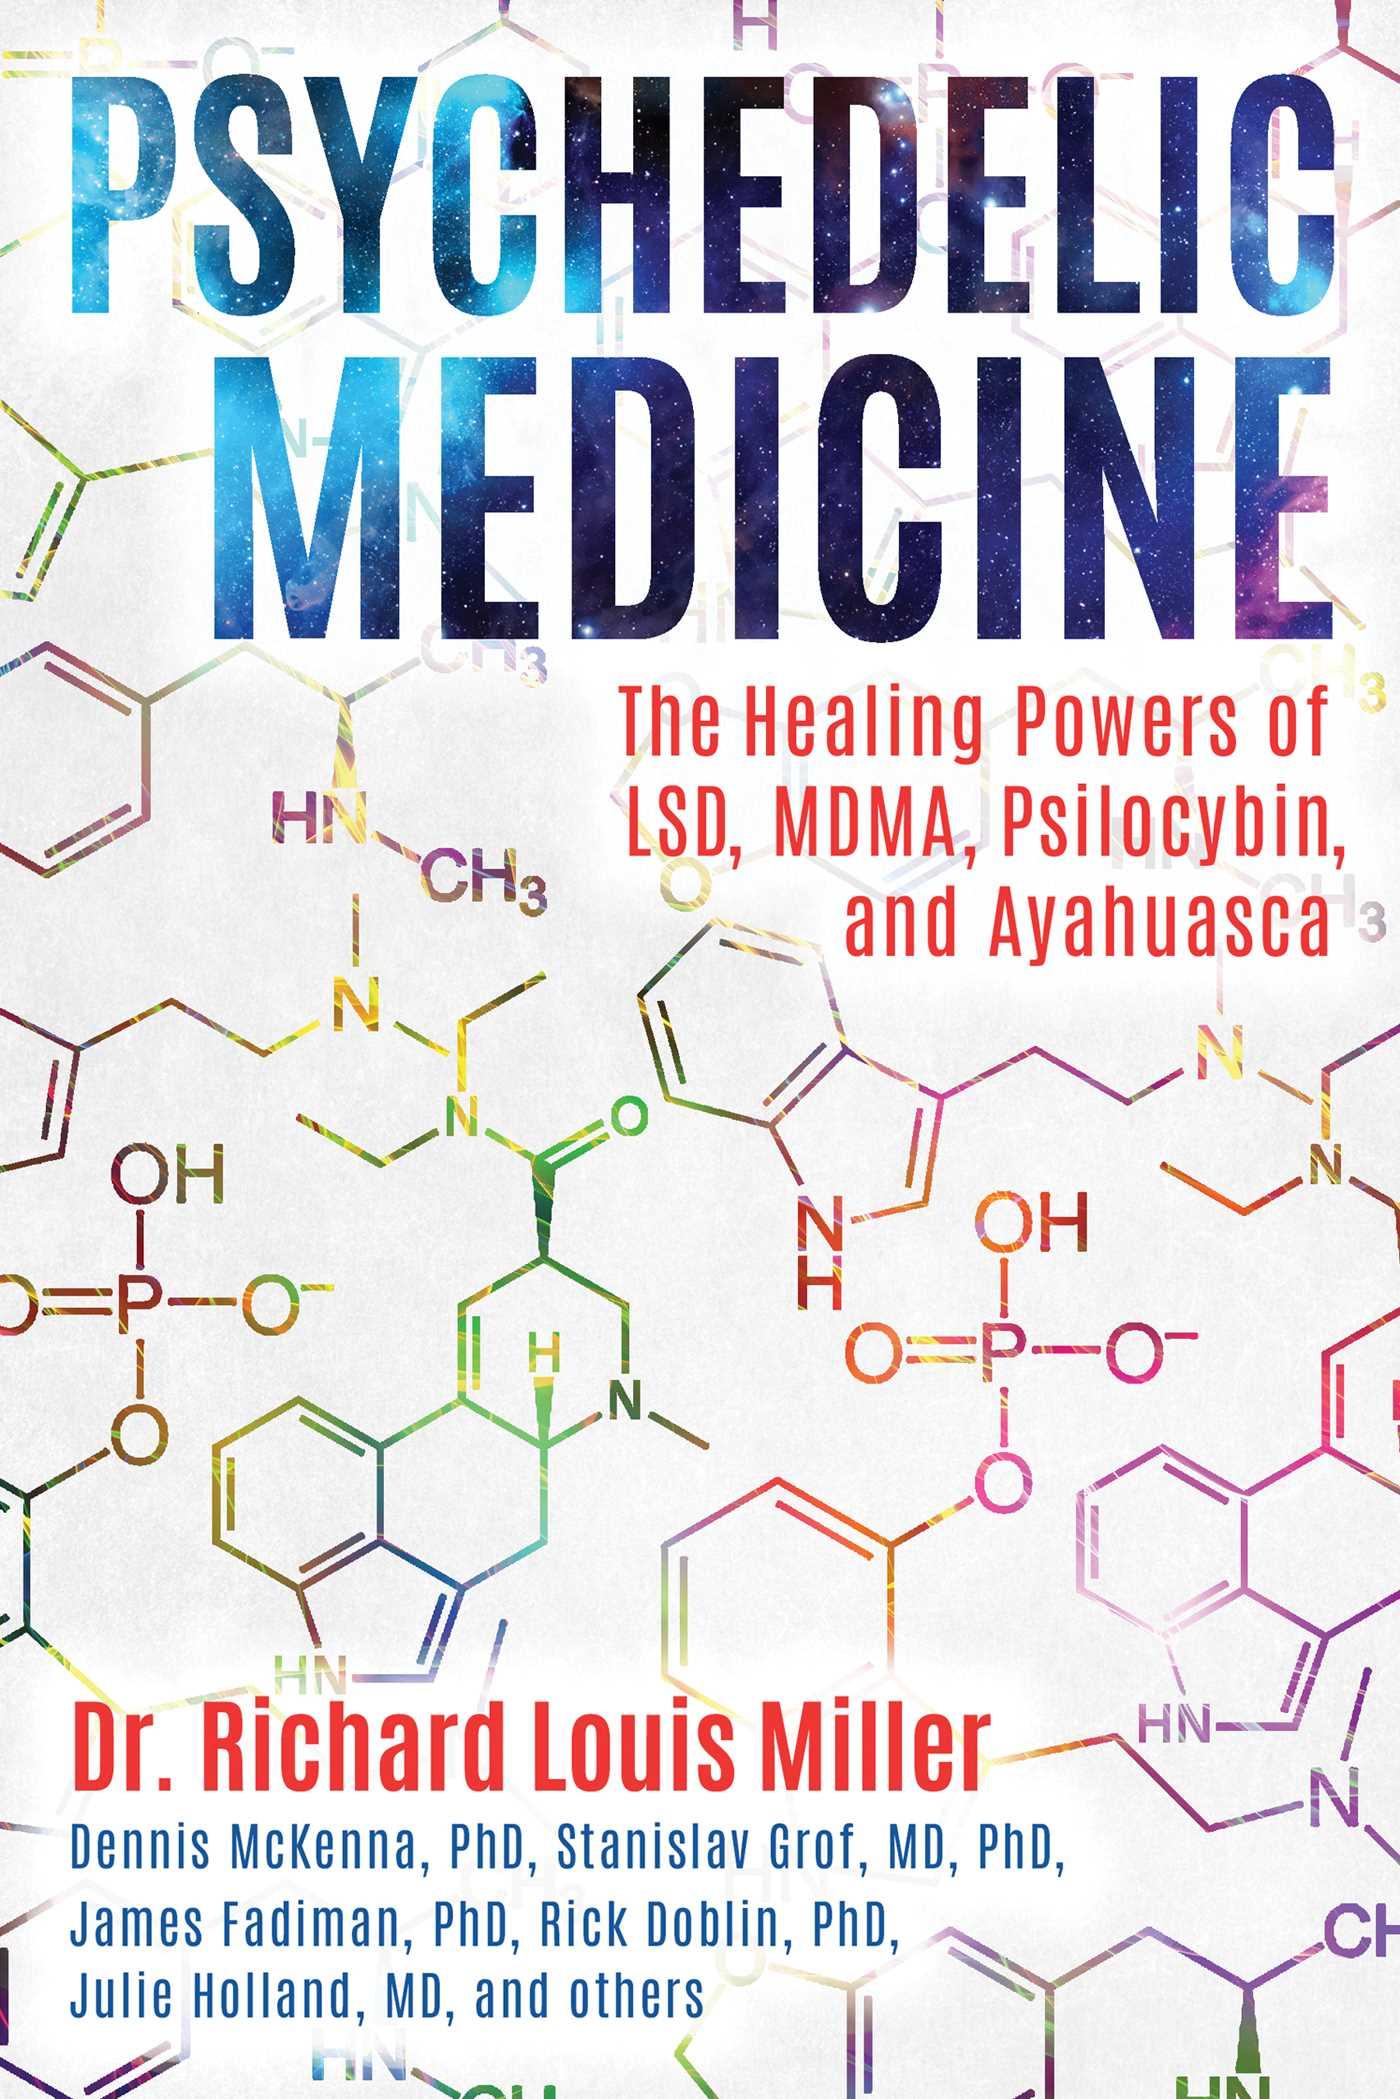 Psychedelic medicine 9781620556986 hr